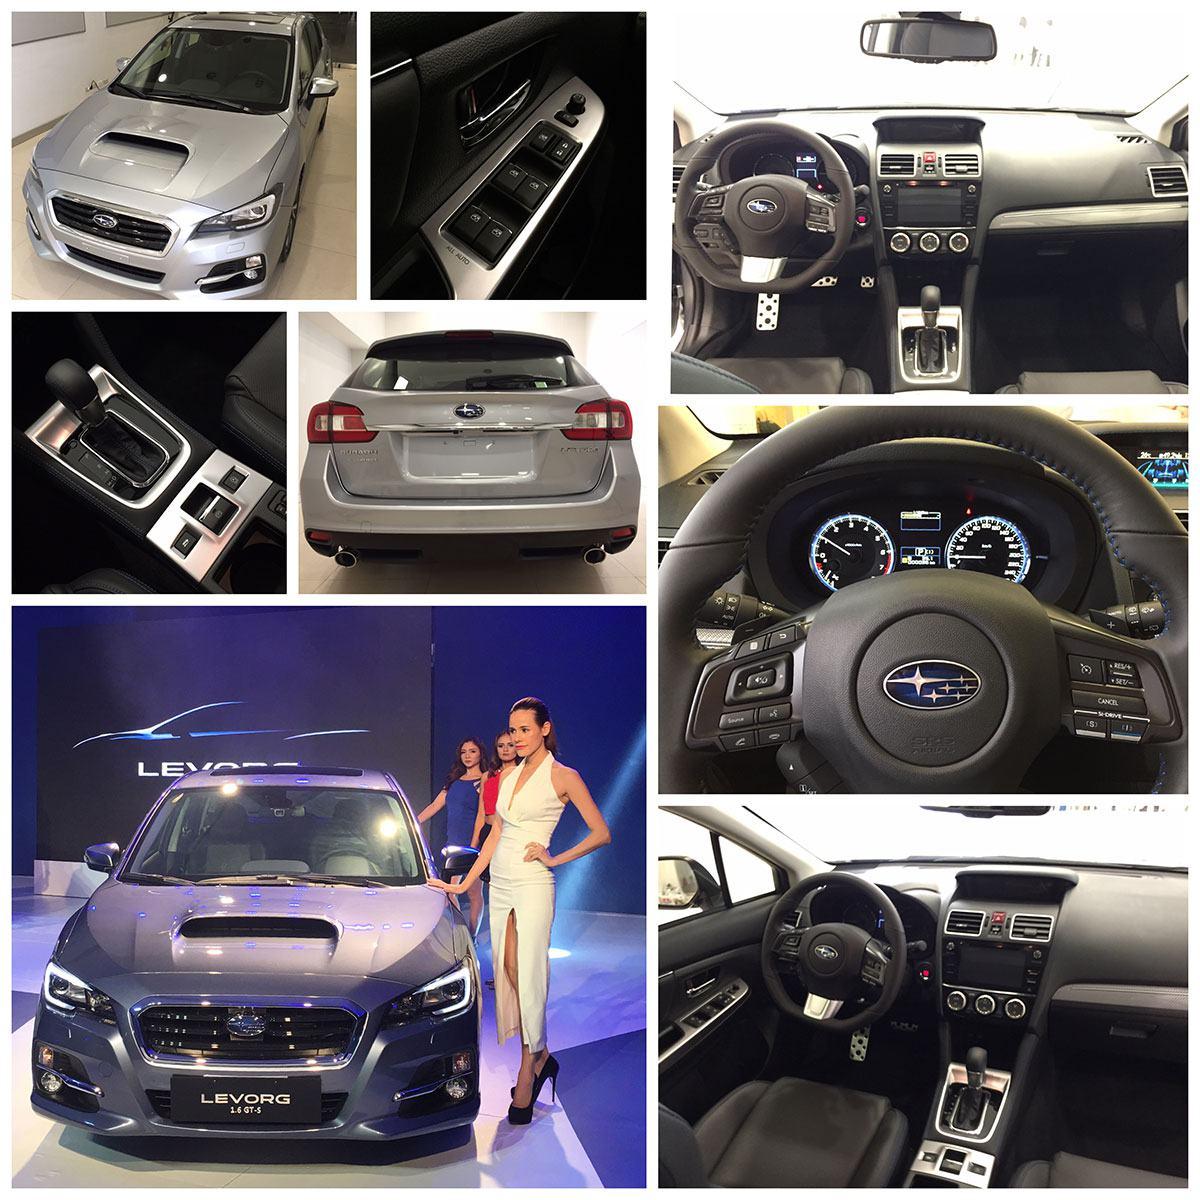 Subaru-Levorg-collage